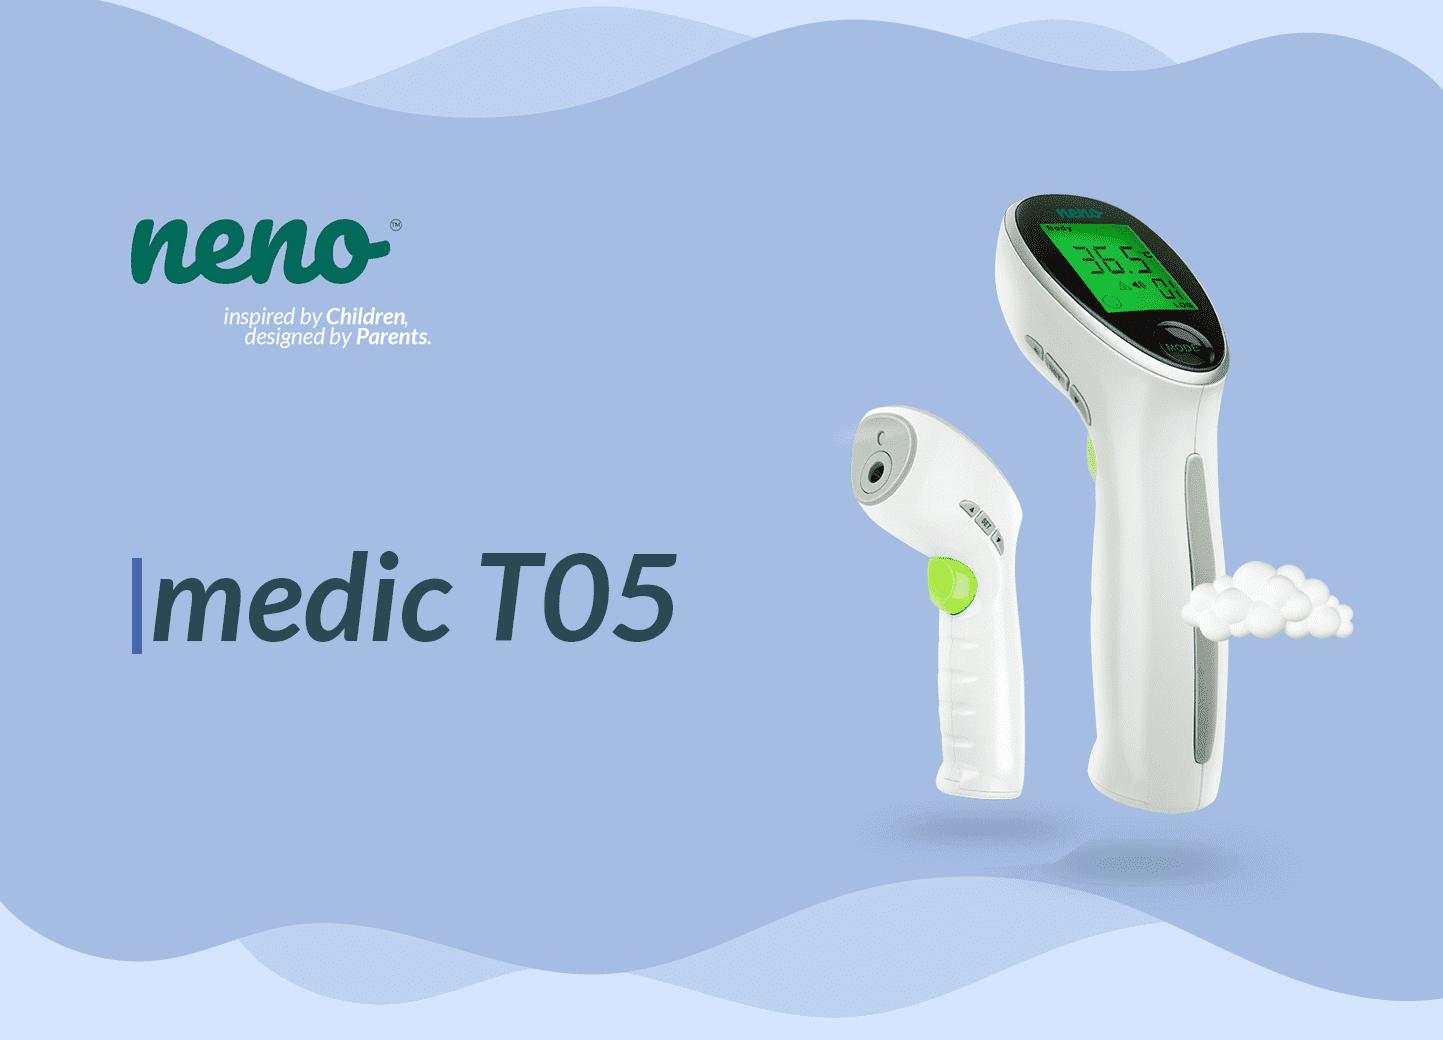 Medic T05